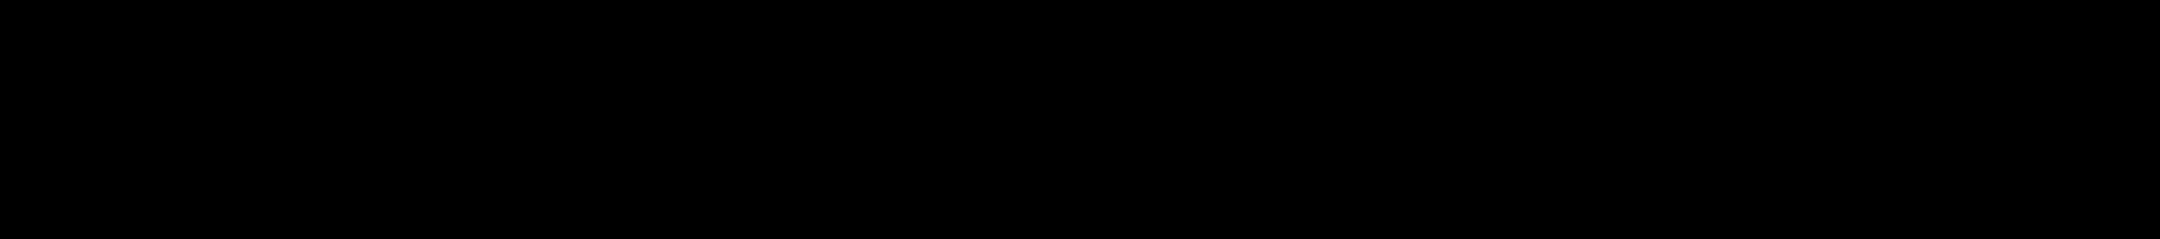 multilaser logo 1 1 - Multilaser Logo